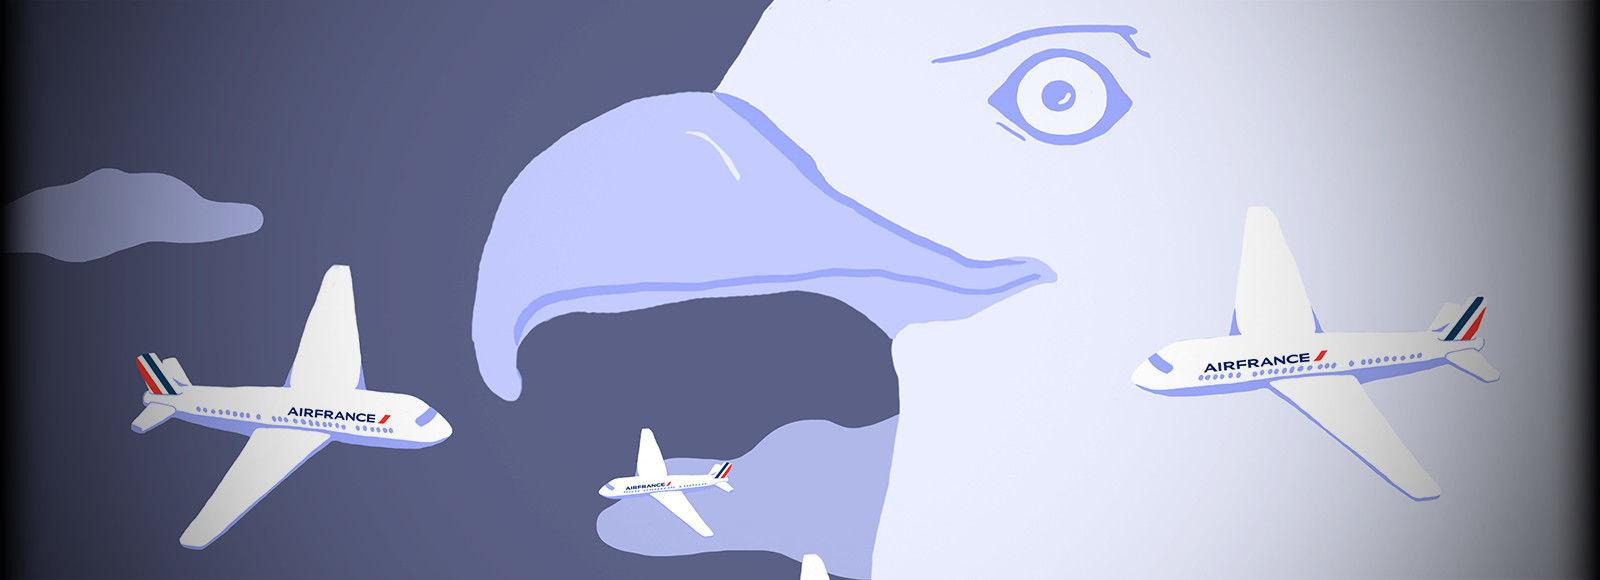 Как спецслужбы США и Великобритании переговоры абонентов в самолетах прослушивали - 1